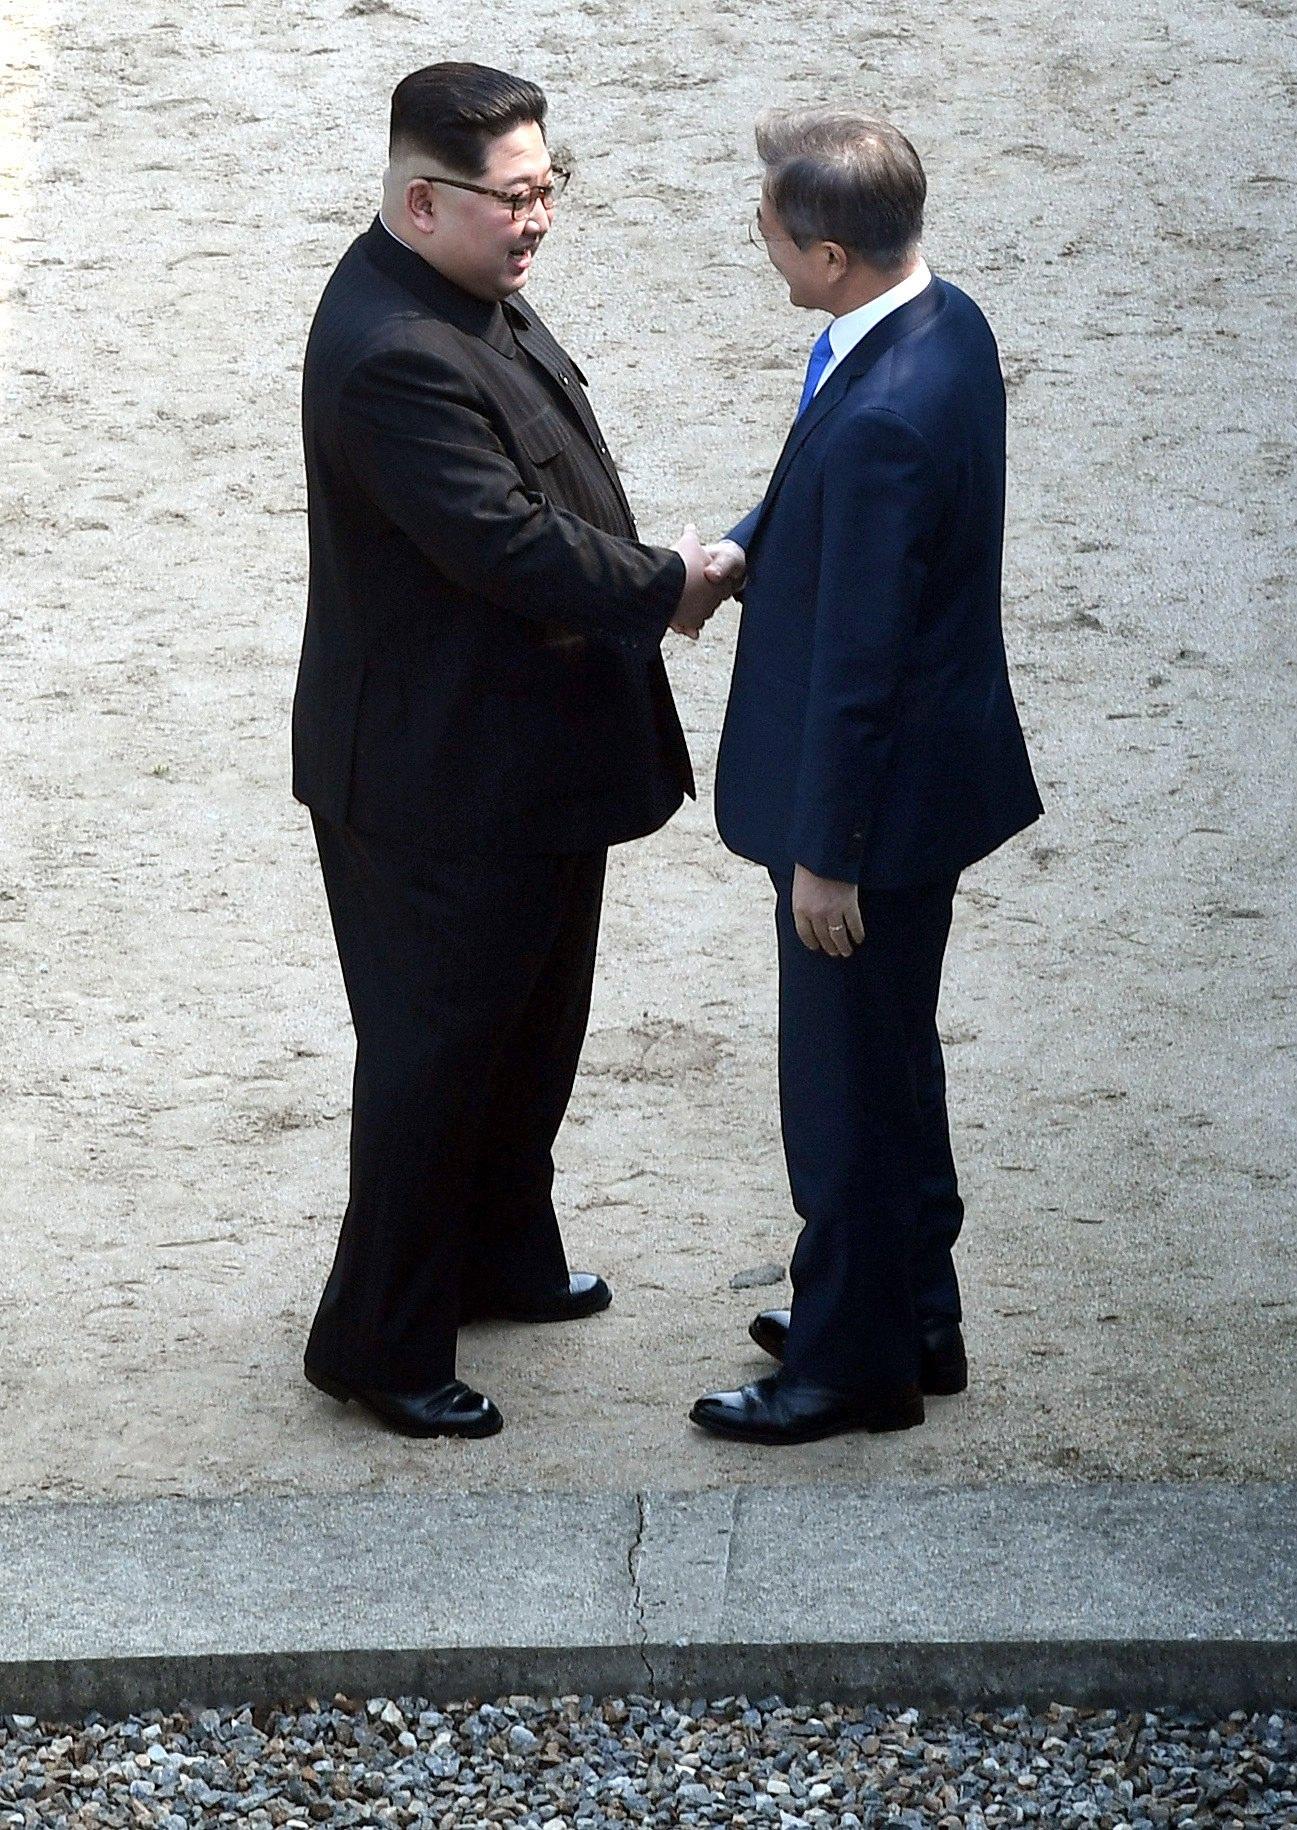 Ким Чен-ун стана първият лидер на севернокорейската държава, който преминава от южната страна на границата от 1953 г. Двамата с южнокорейския му колега демонстративно си стиснаха ръцете на граничната линия.